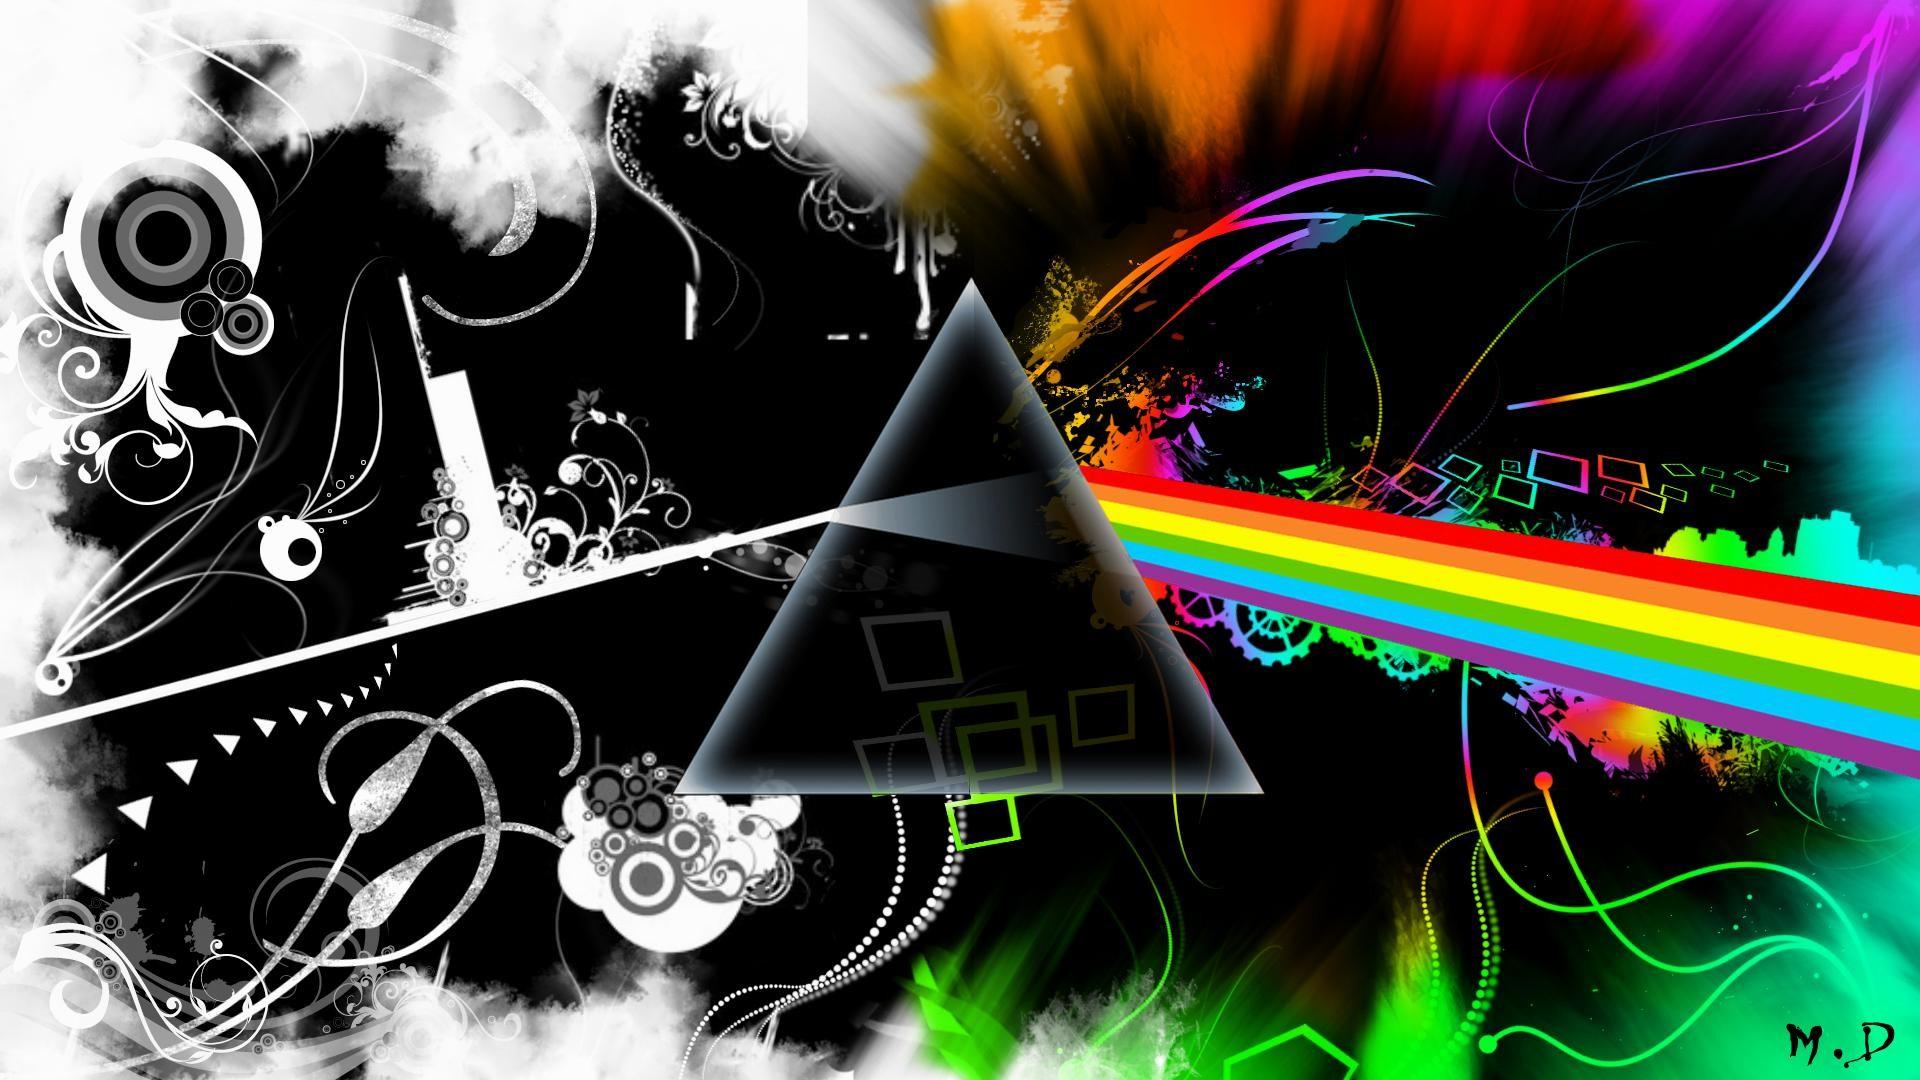 pink-floyd-art-Pink-Floyd-Dark-Side-Of-